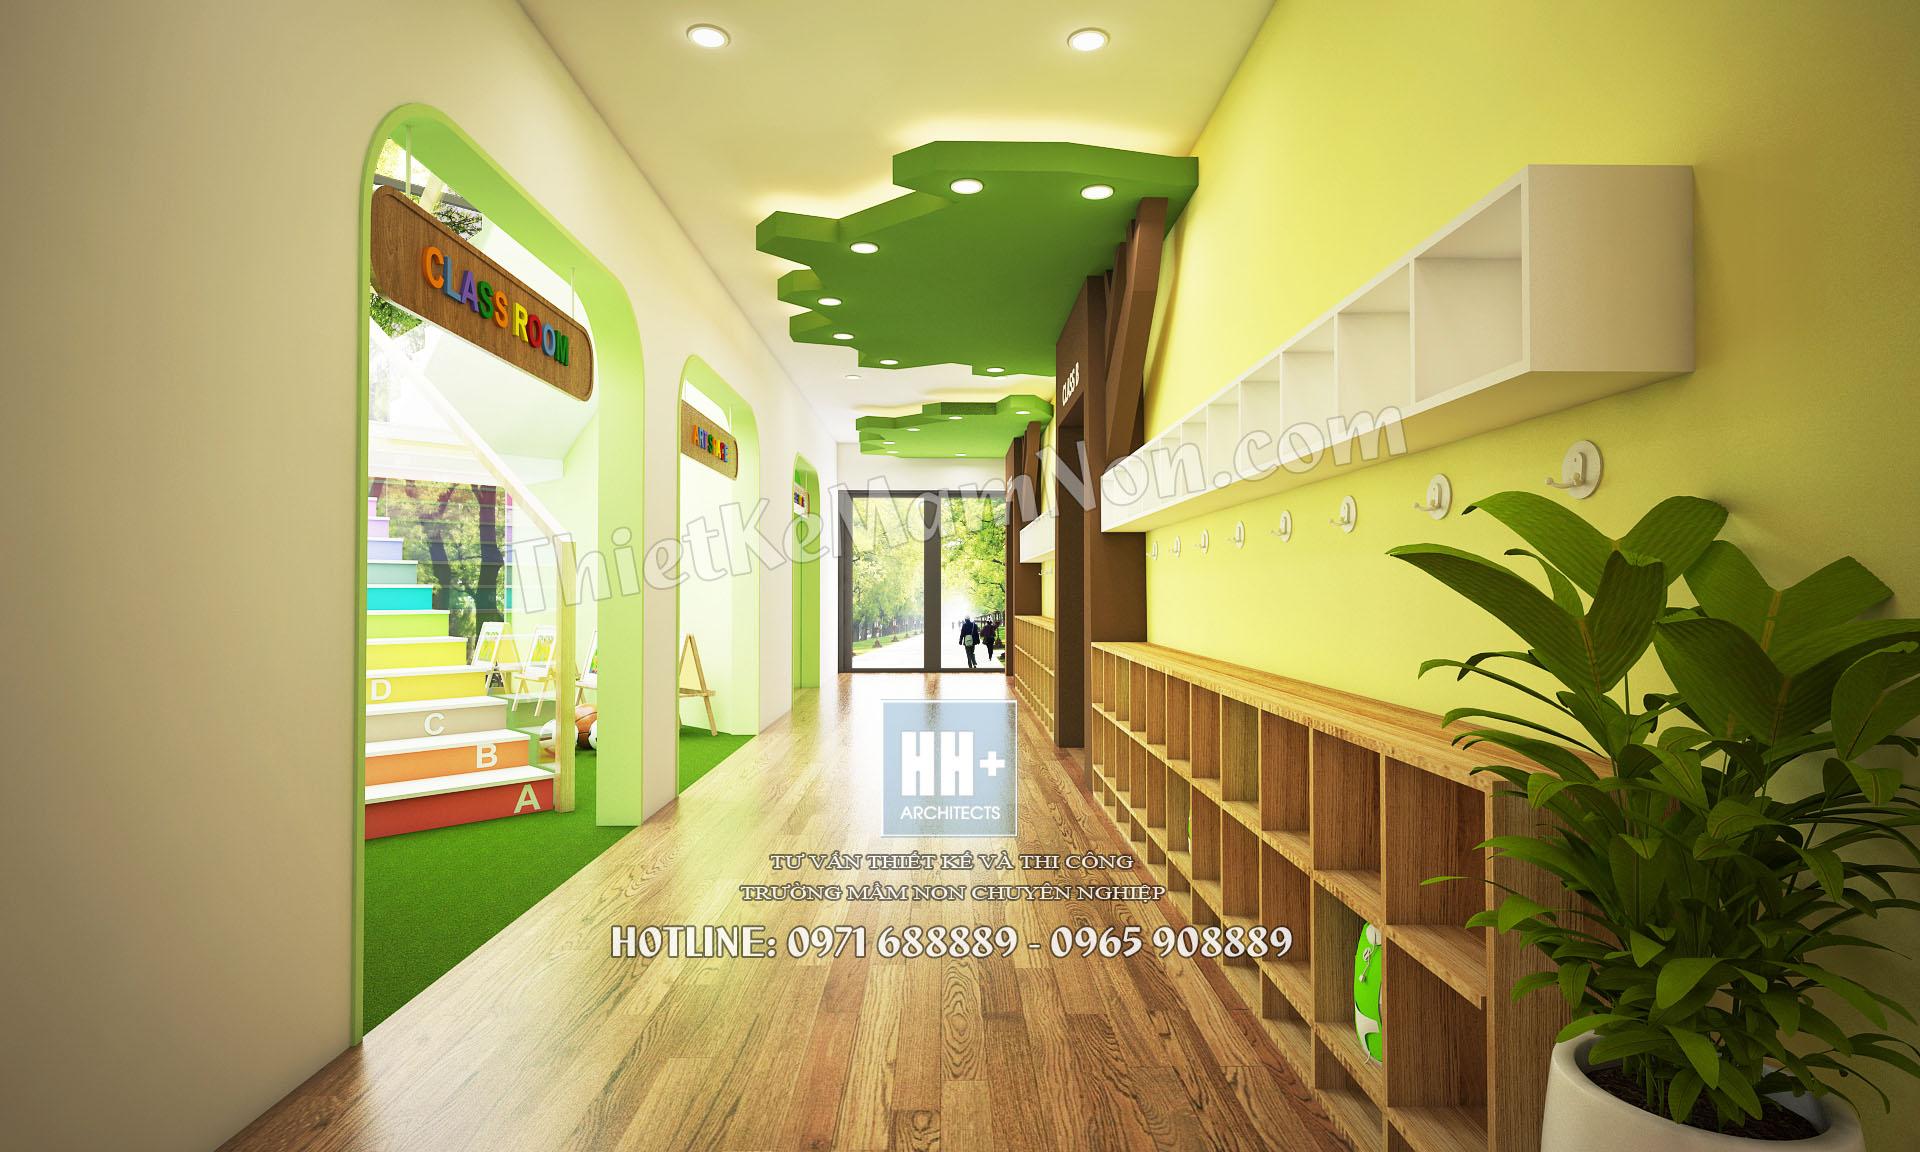 07 hanh lang Thiết kế trường mầm non montessori Thiết kế trường mầm non montessori Hoa Thủy Tinh 07 hanh lang